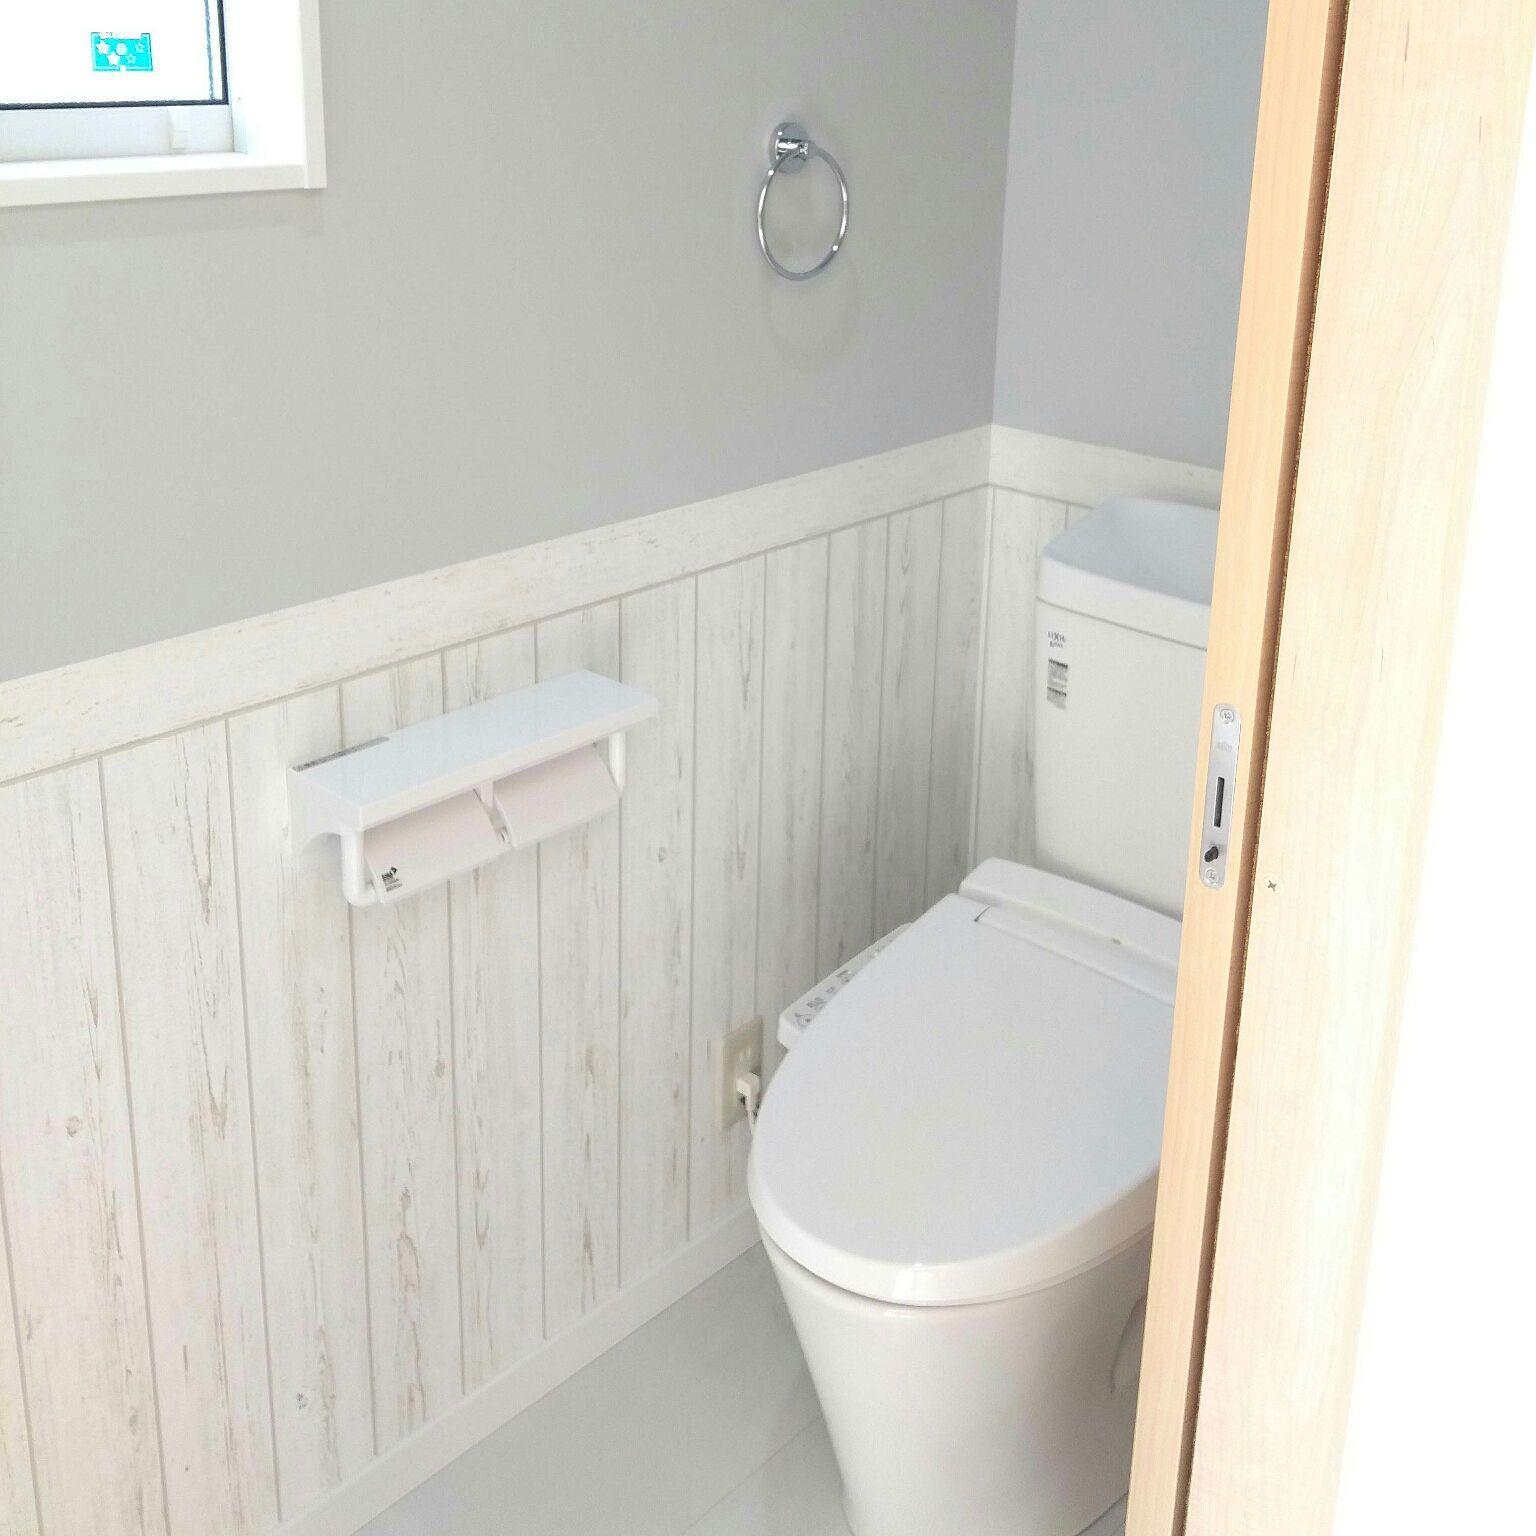 バストイレlixilグレーの壁木目調壁紙水色の壁紙ブルーグレー トイレのデザイン トイレ 壁紙 おしゃれ トイレ インテリア